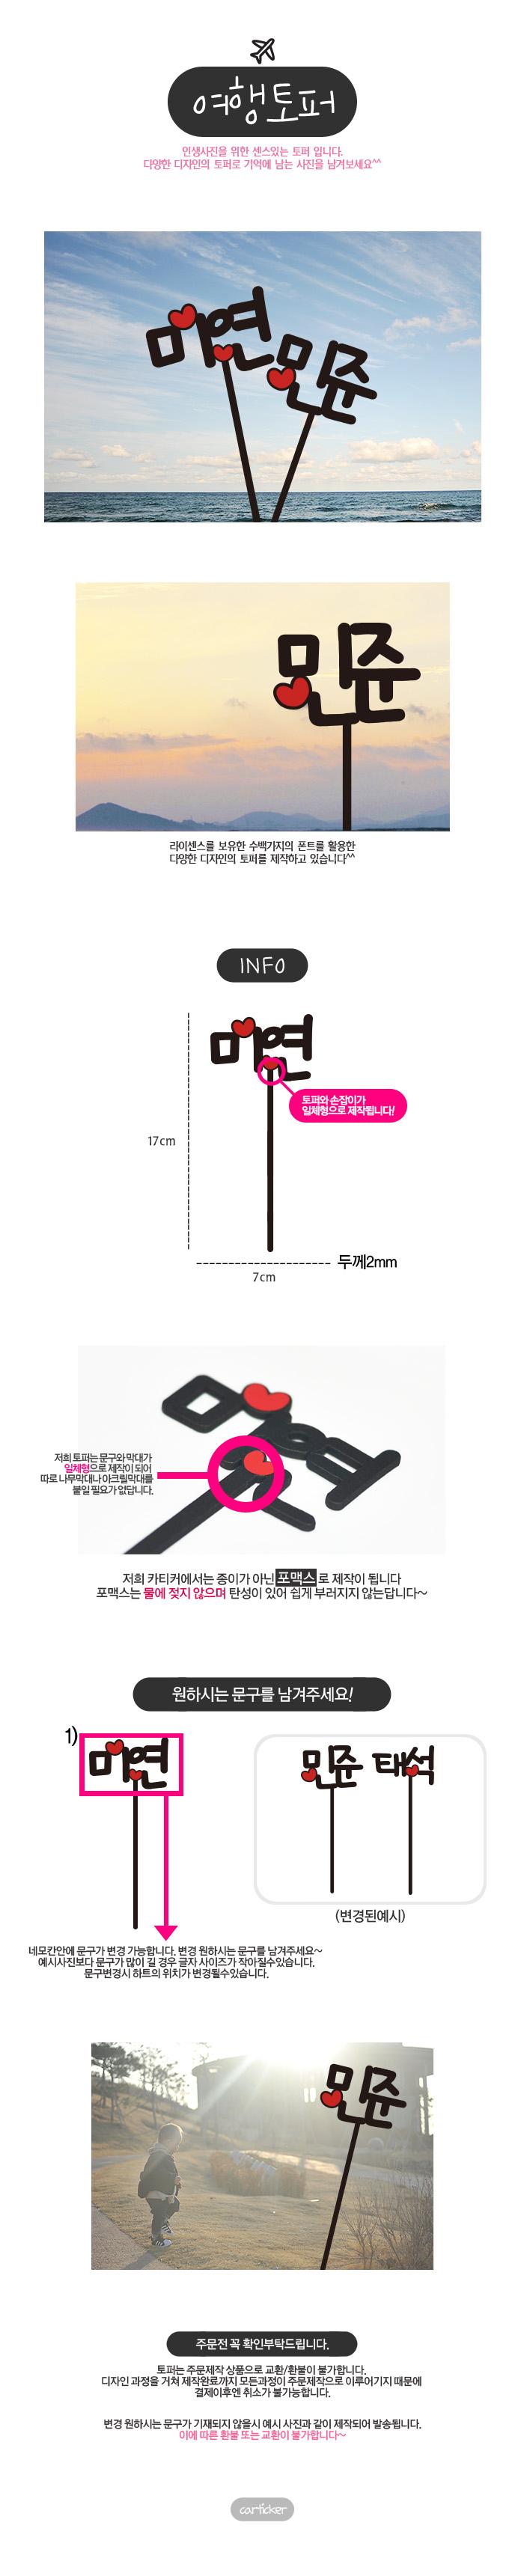 하트이름 TOO4- 여행토퍼 케이크토퍼 자유문구수정 - 카티커, 1,500원, 파티용품, 데코/장식용품